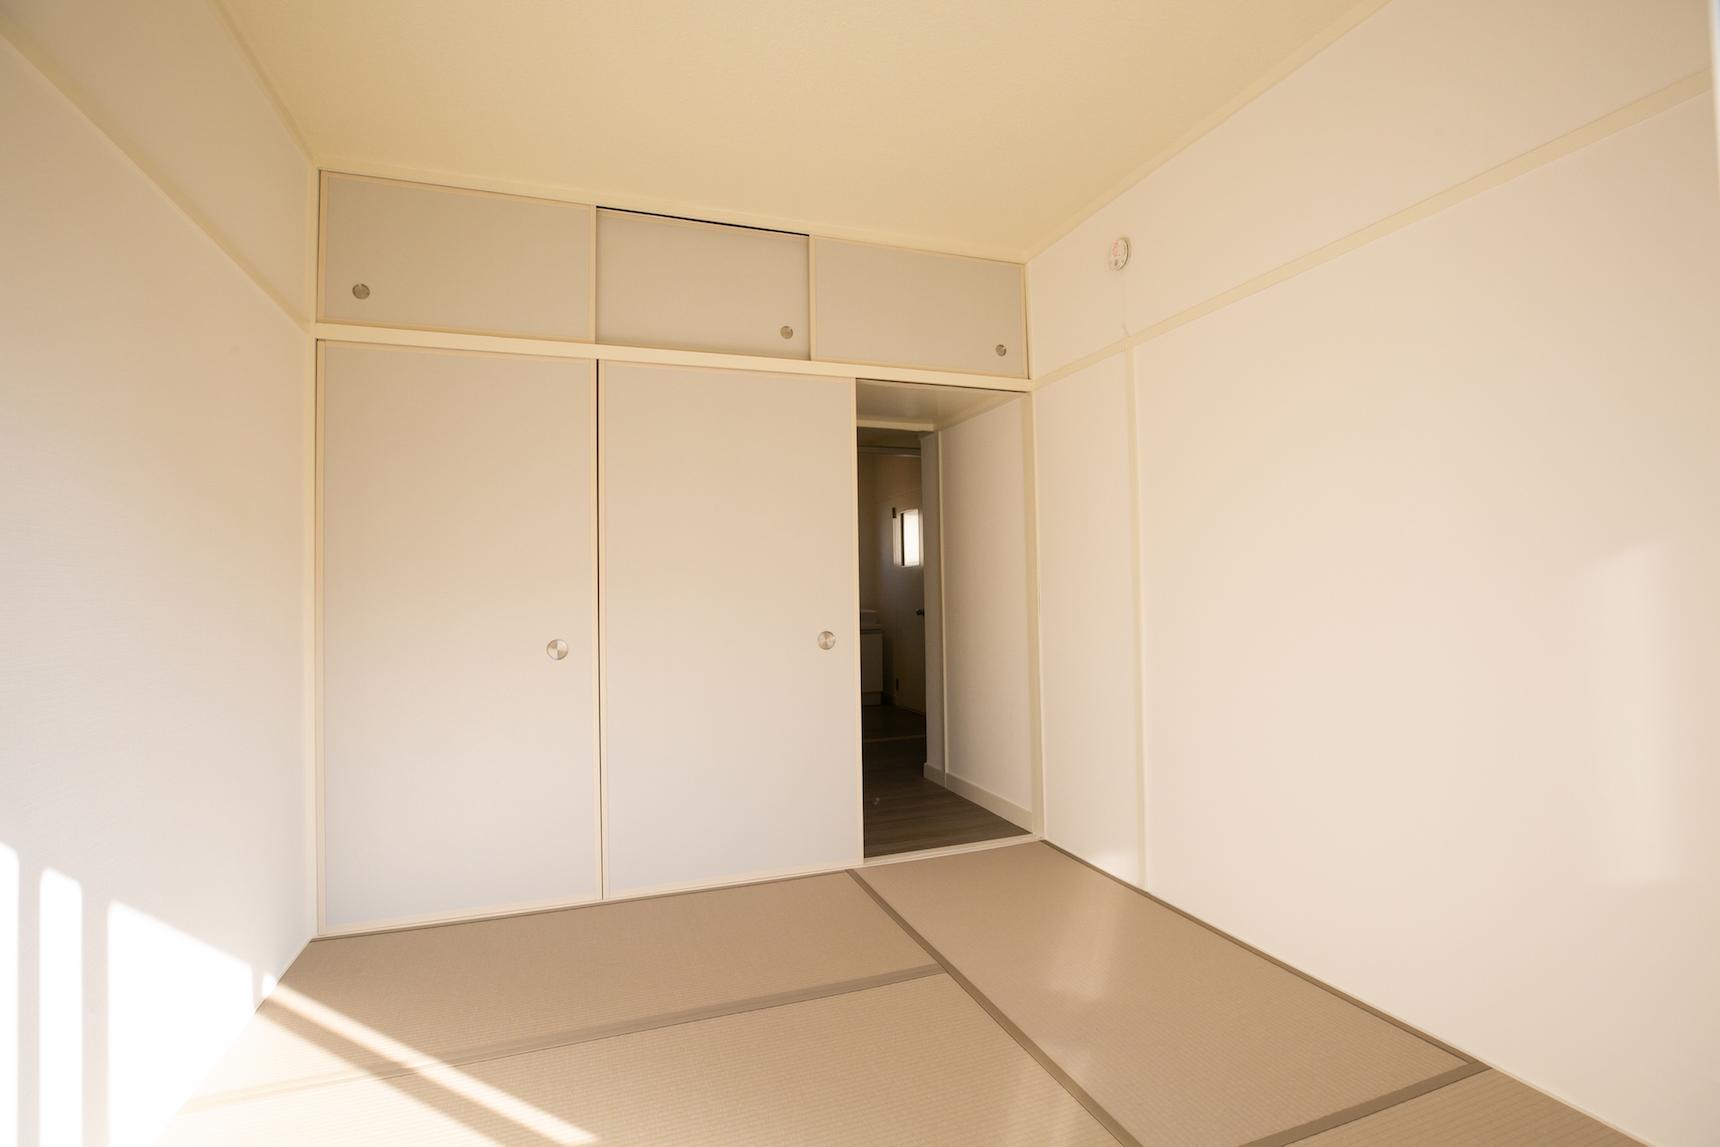 こちらがアフターのお部屋。「襖&畳」という要素は変わっていないのですが、カラー畳に変え、襖もちょっとおしゃれなデザインのものに変えたことで、だいぶモダンな印象になりました。これならあえてベッドを合わせてもうまくきまりそうです。